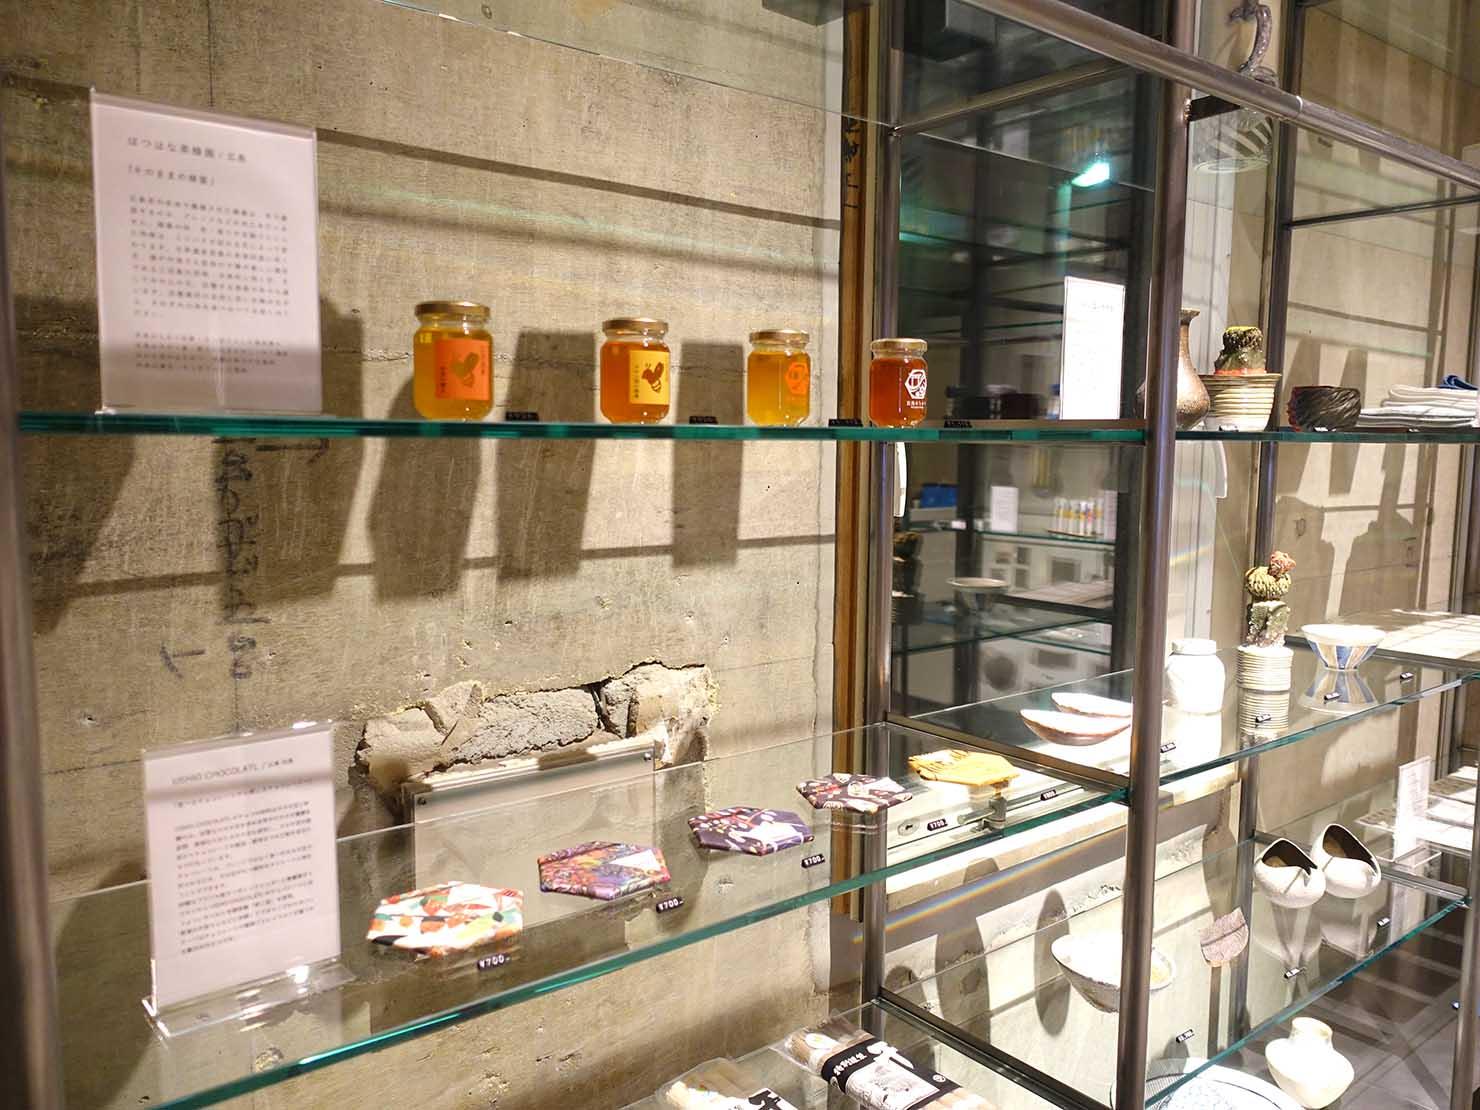 広島・八丁堀のおしゃれなリノベホテル「KIRO広島 The Share Hotels」のポップアップショップ